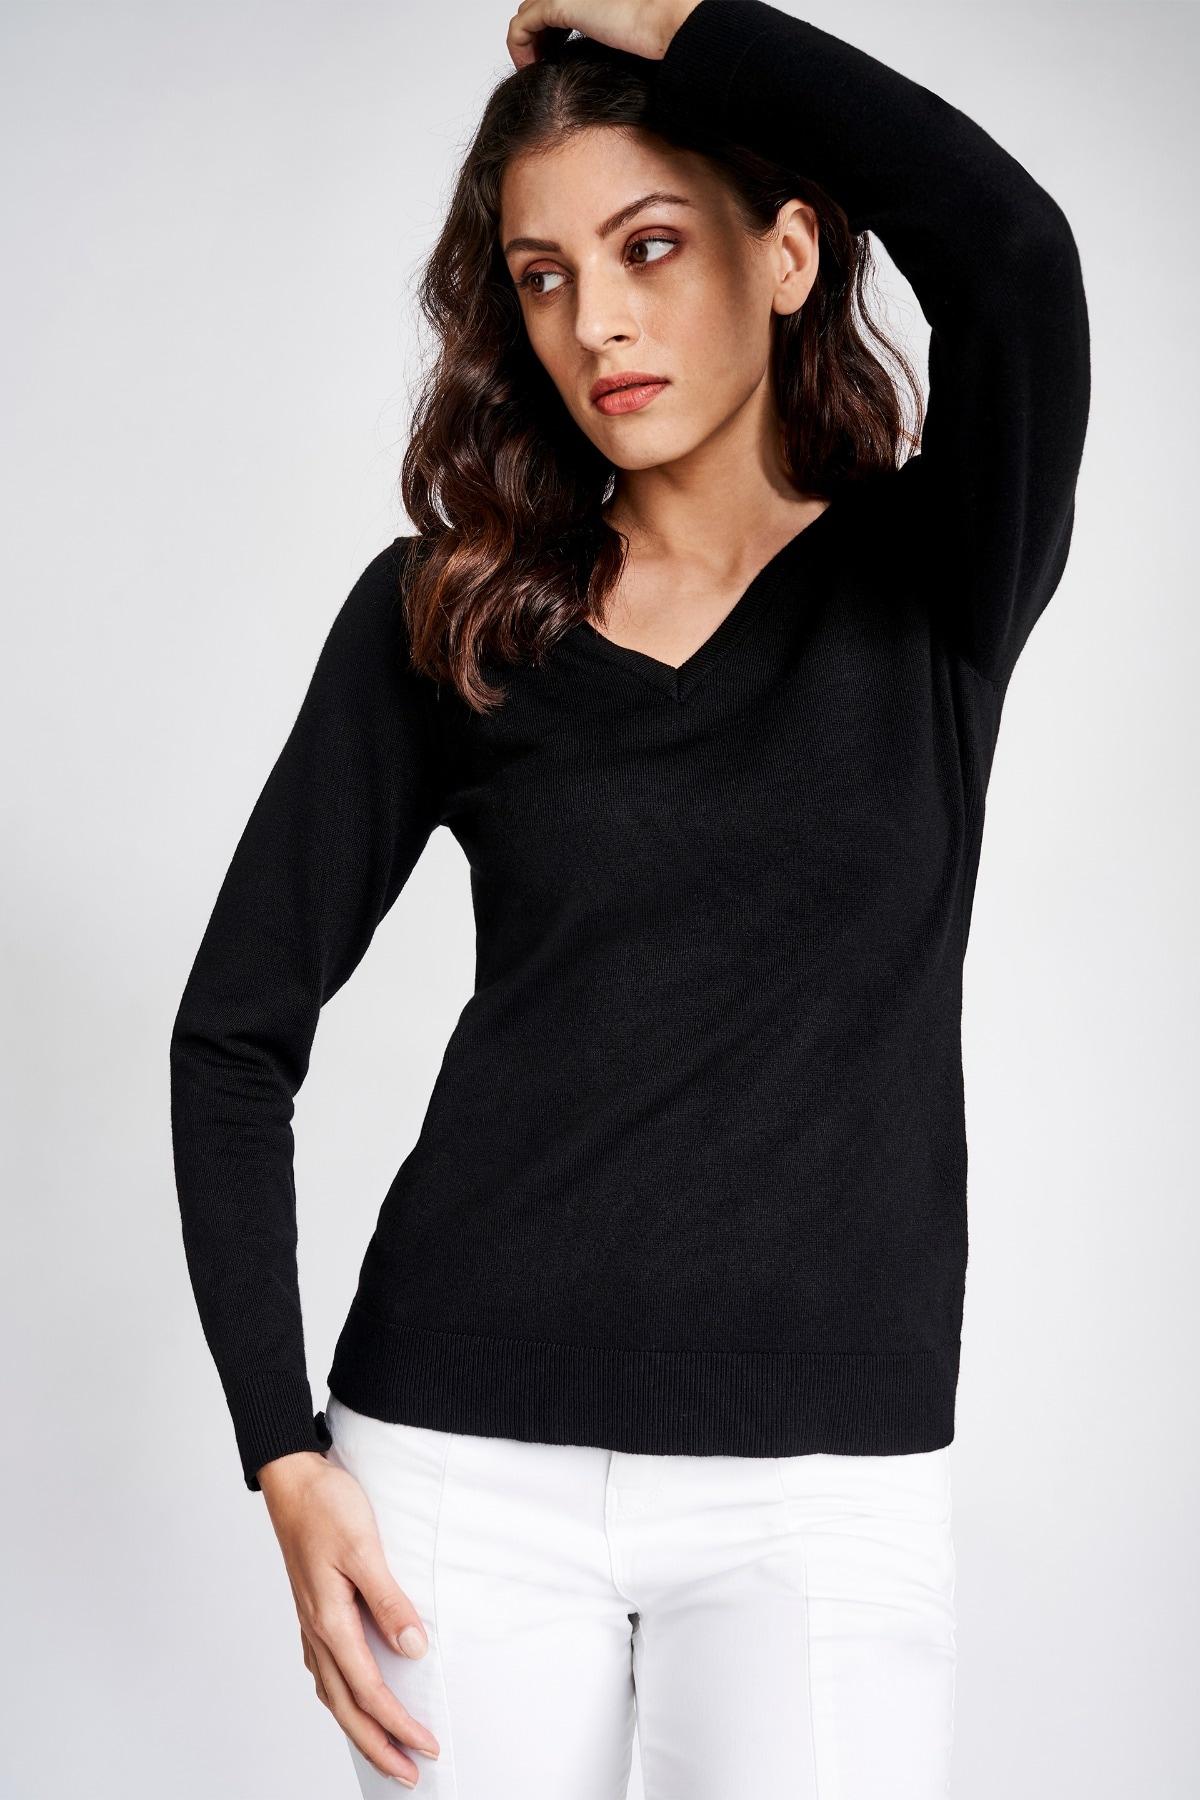 AND | Black V-Neck Sweater Regular Top